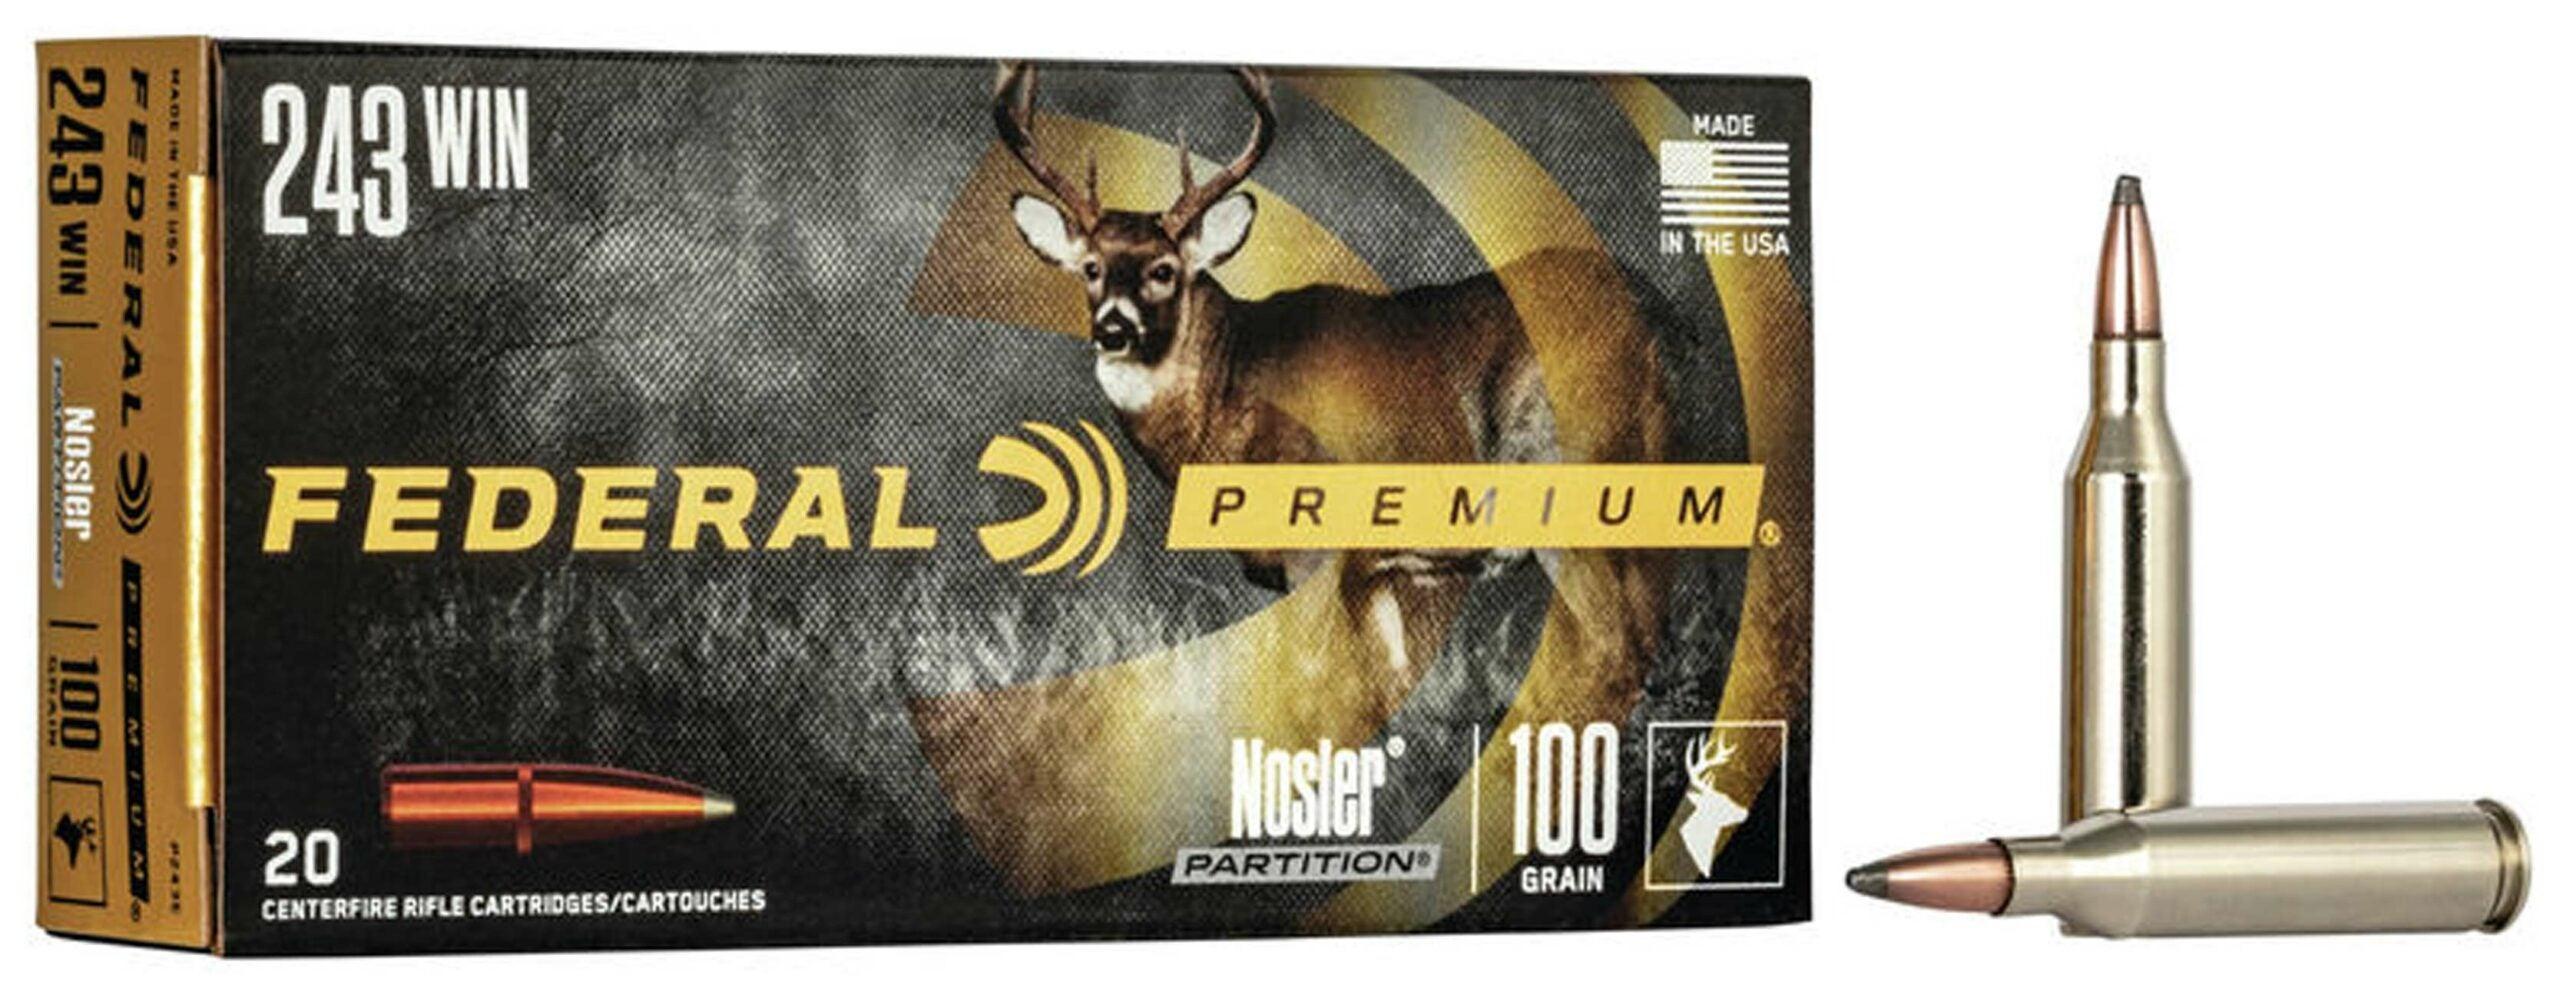 Federal Premium .243 Winchesteer ammo